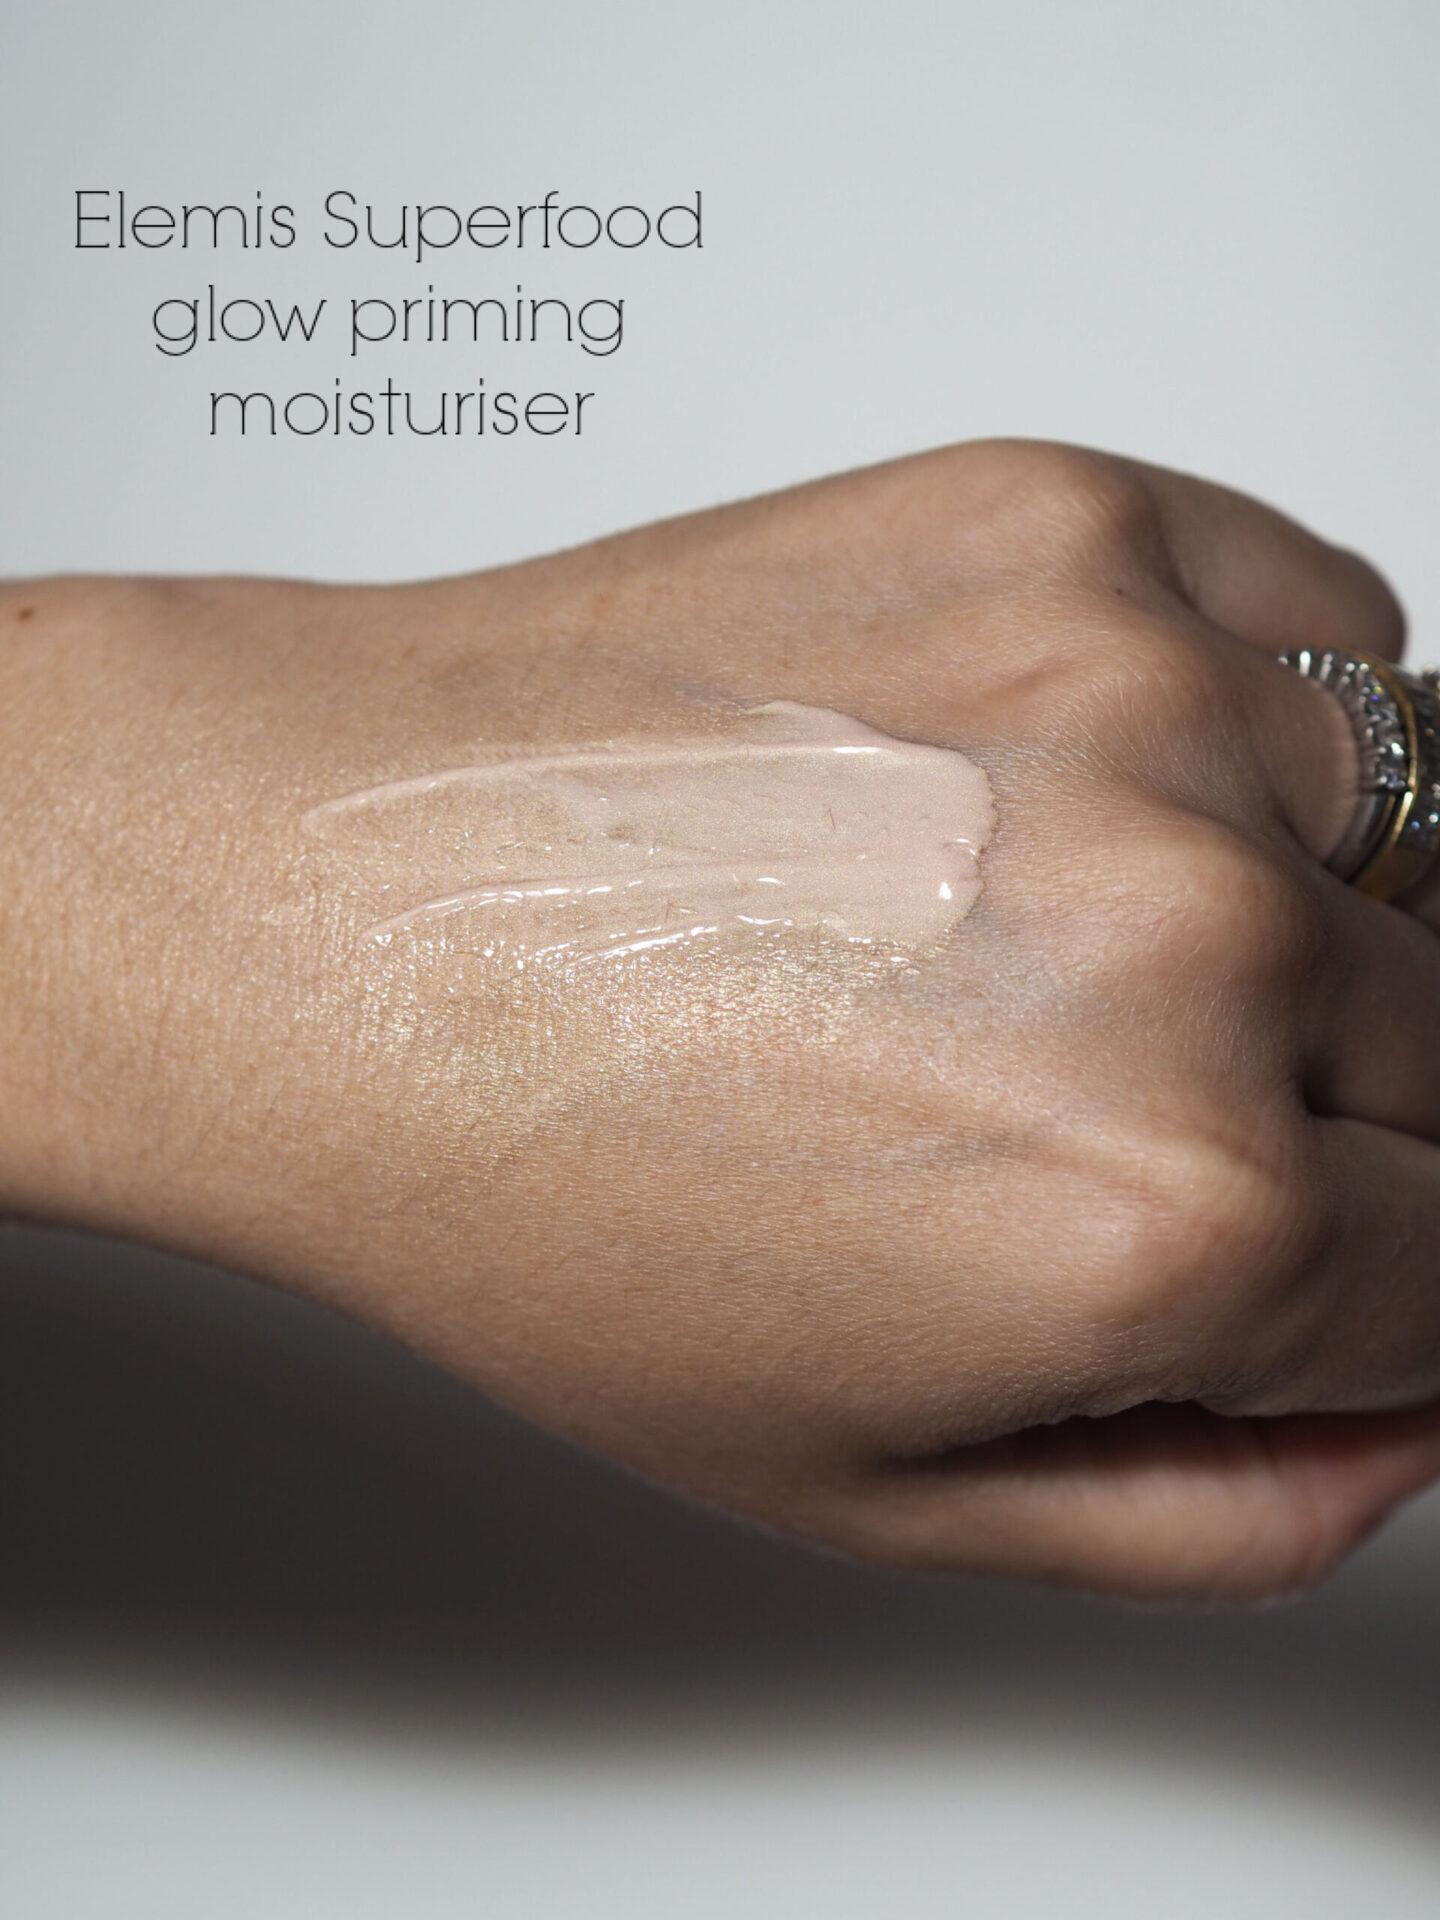 Elemis superfood glow priming moisturiser